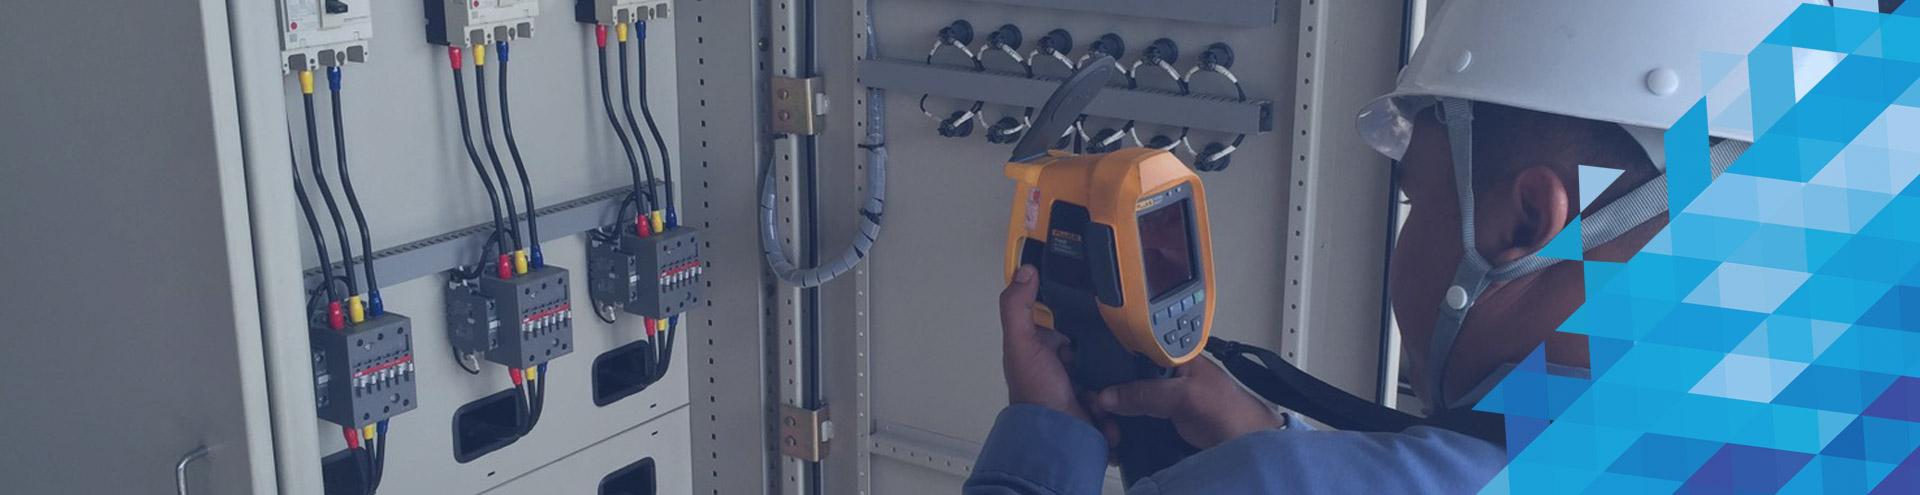 อบรมเชิงปฏิบัติการ การตรวจสอบระบบไฟฟ้าแรงต่ำ-แรงสูง อย่างมืออาชีพ